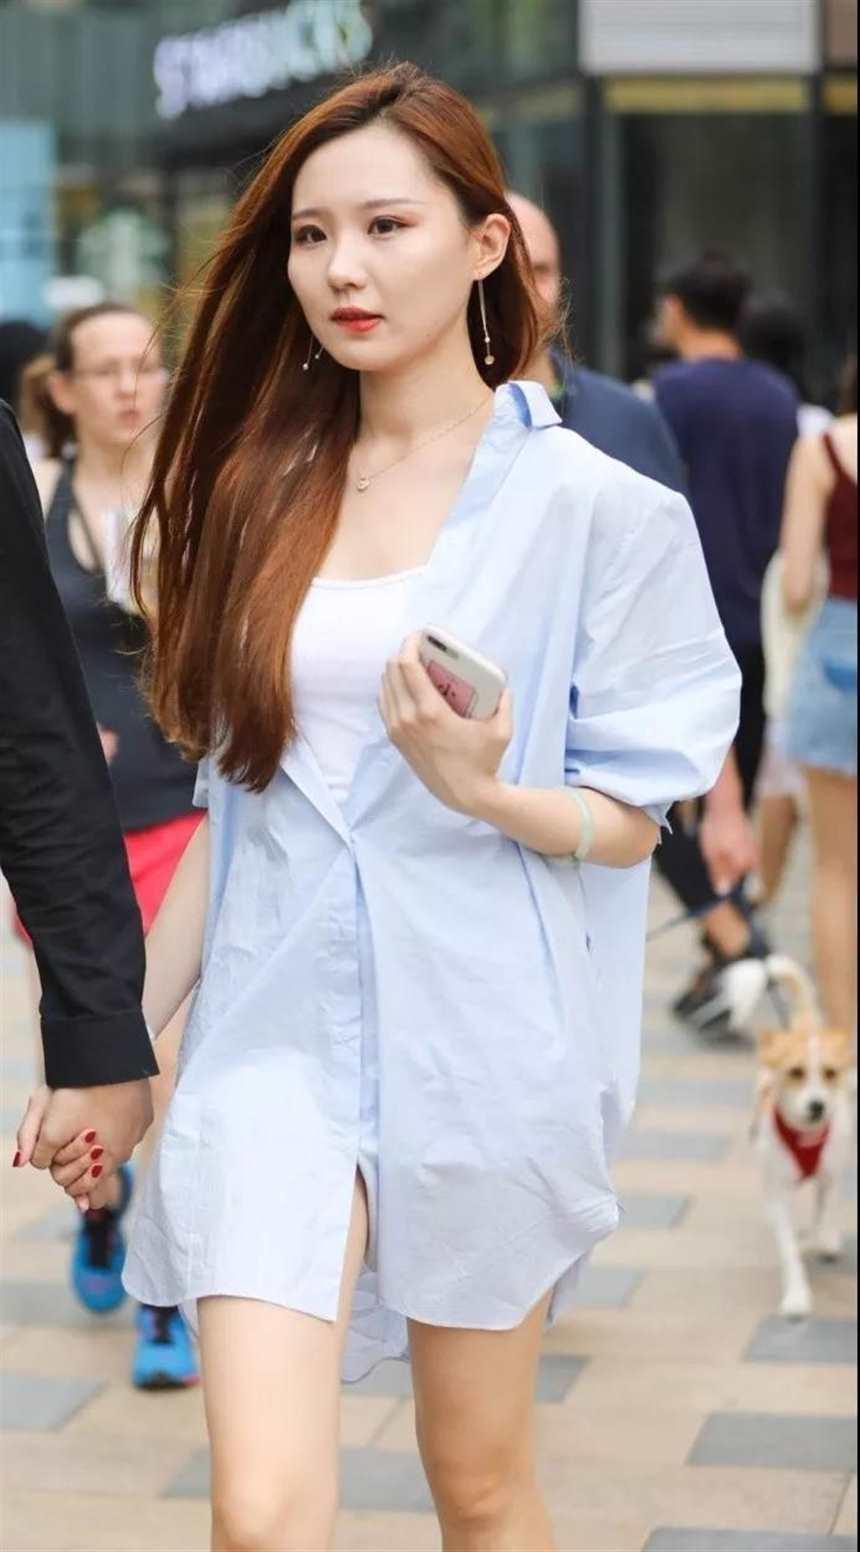 街拍:长发飘逸,穿长款衬衫的性感美女,乖巧温柔的表情很吸引人(点击浏览下一张趣图)